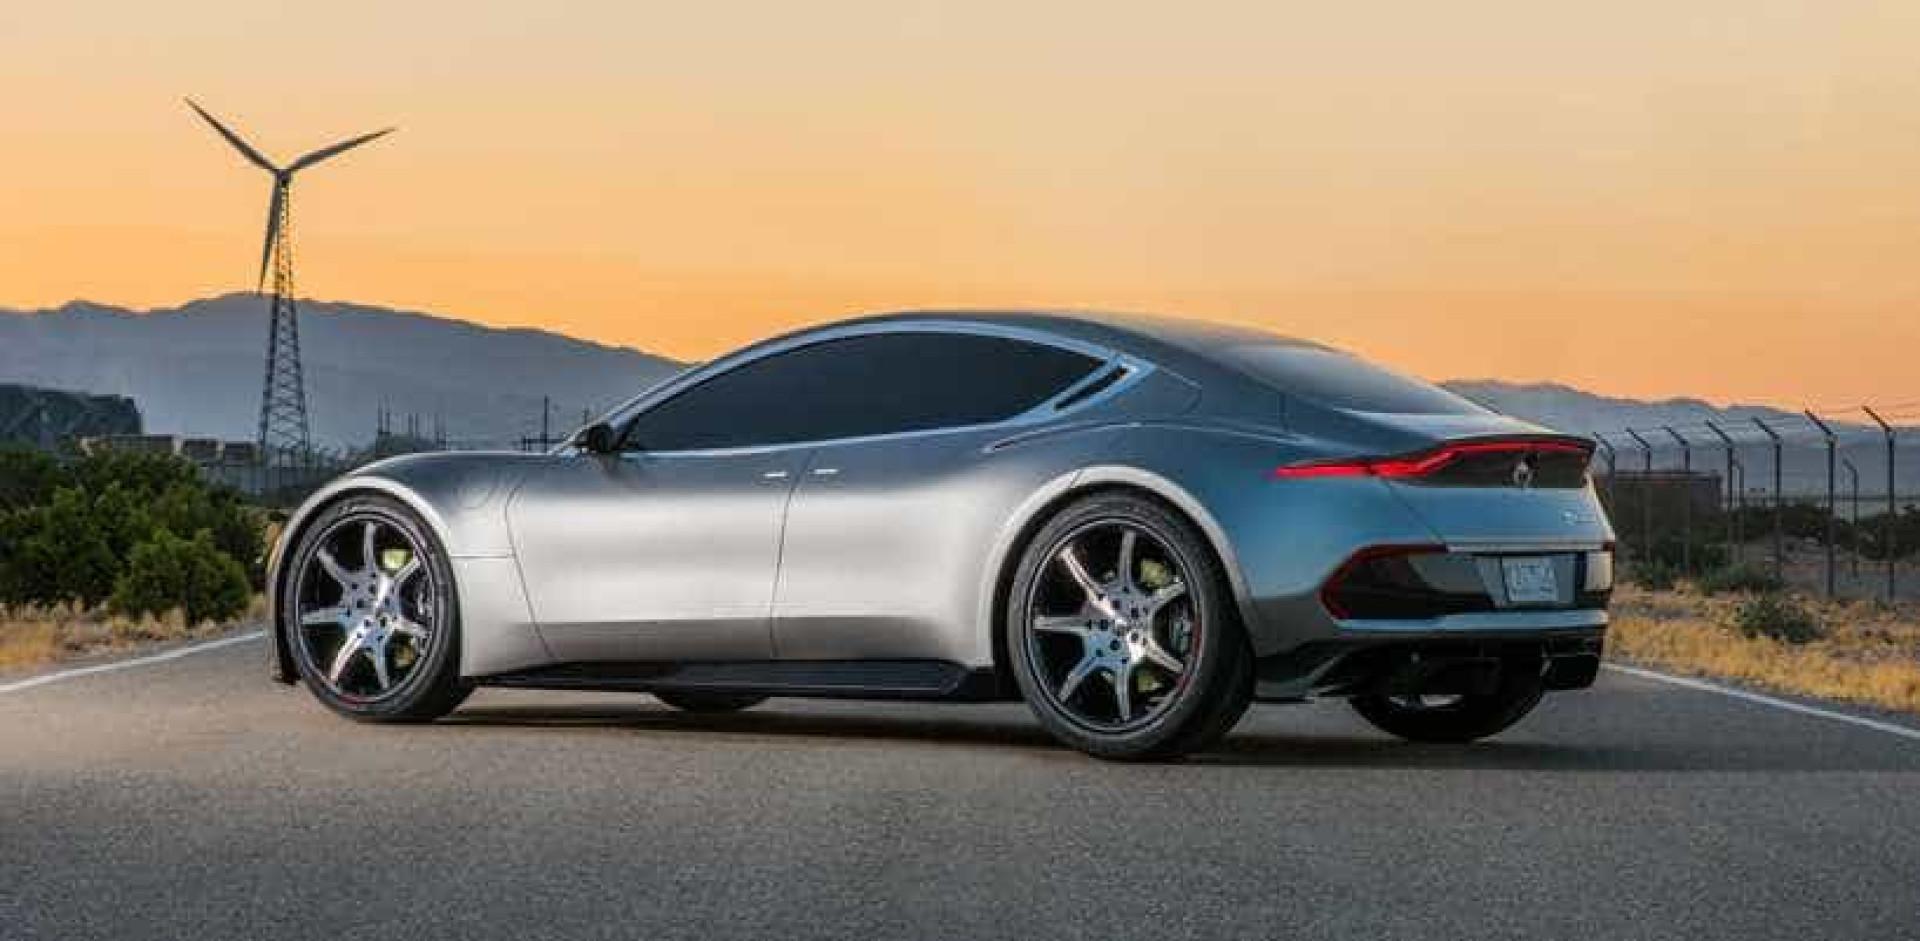 Patente descreve bateria de automóvel que carrega em apenas 1 minuto